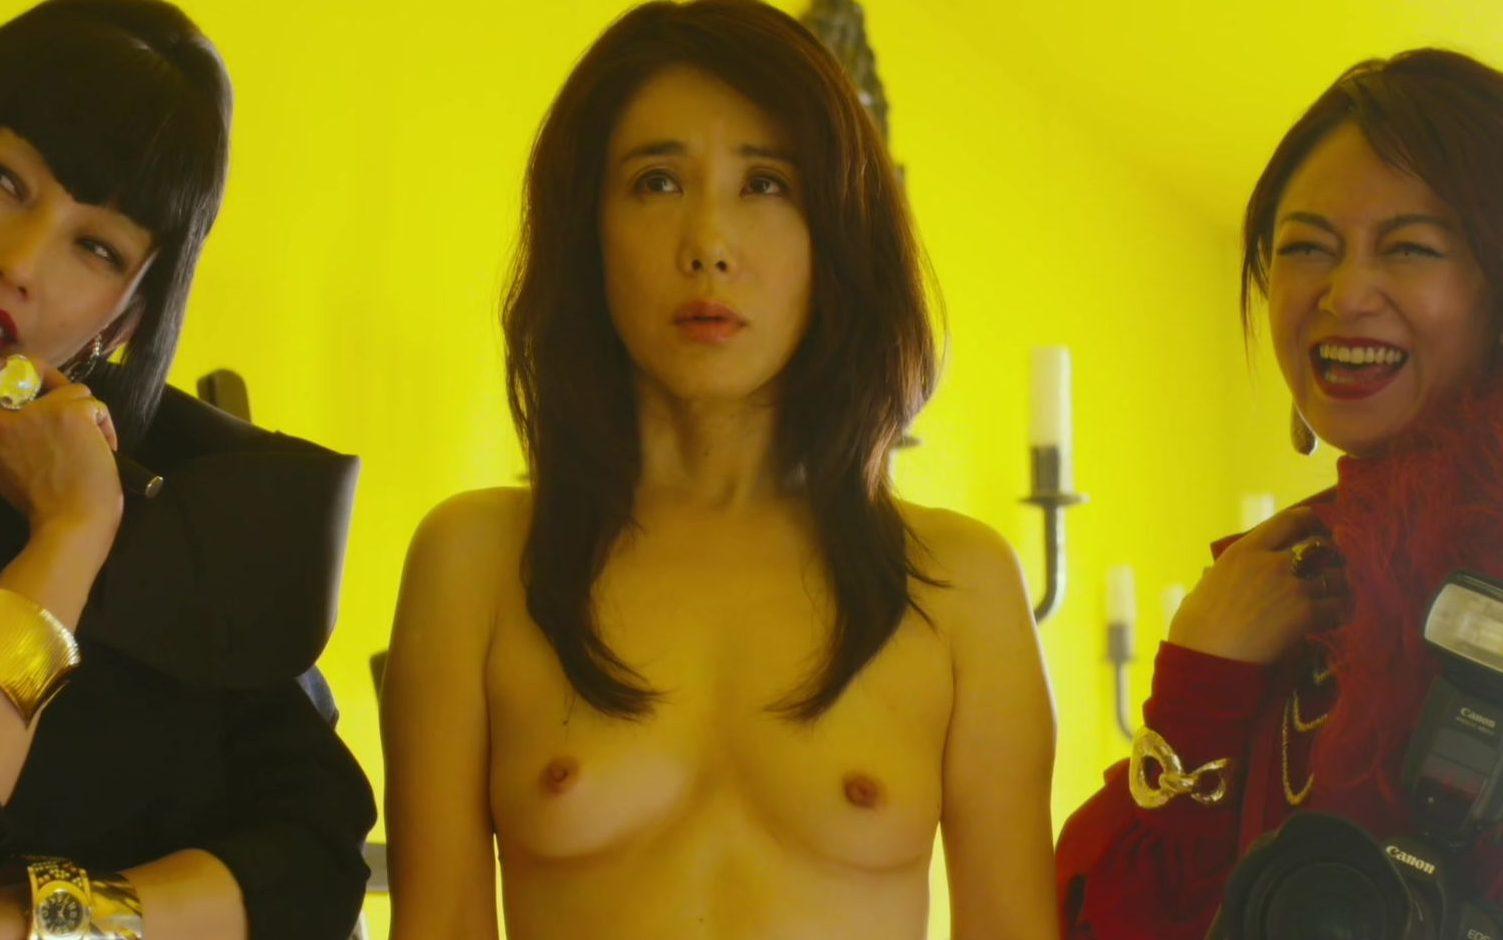 Nackt  Mariko Tsutsui Marika Tsutsui